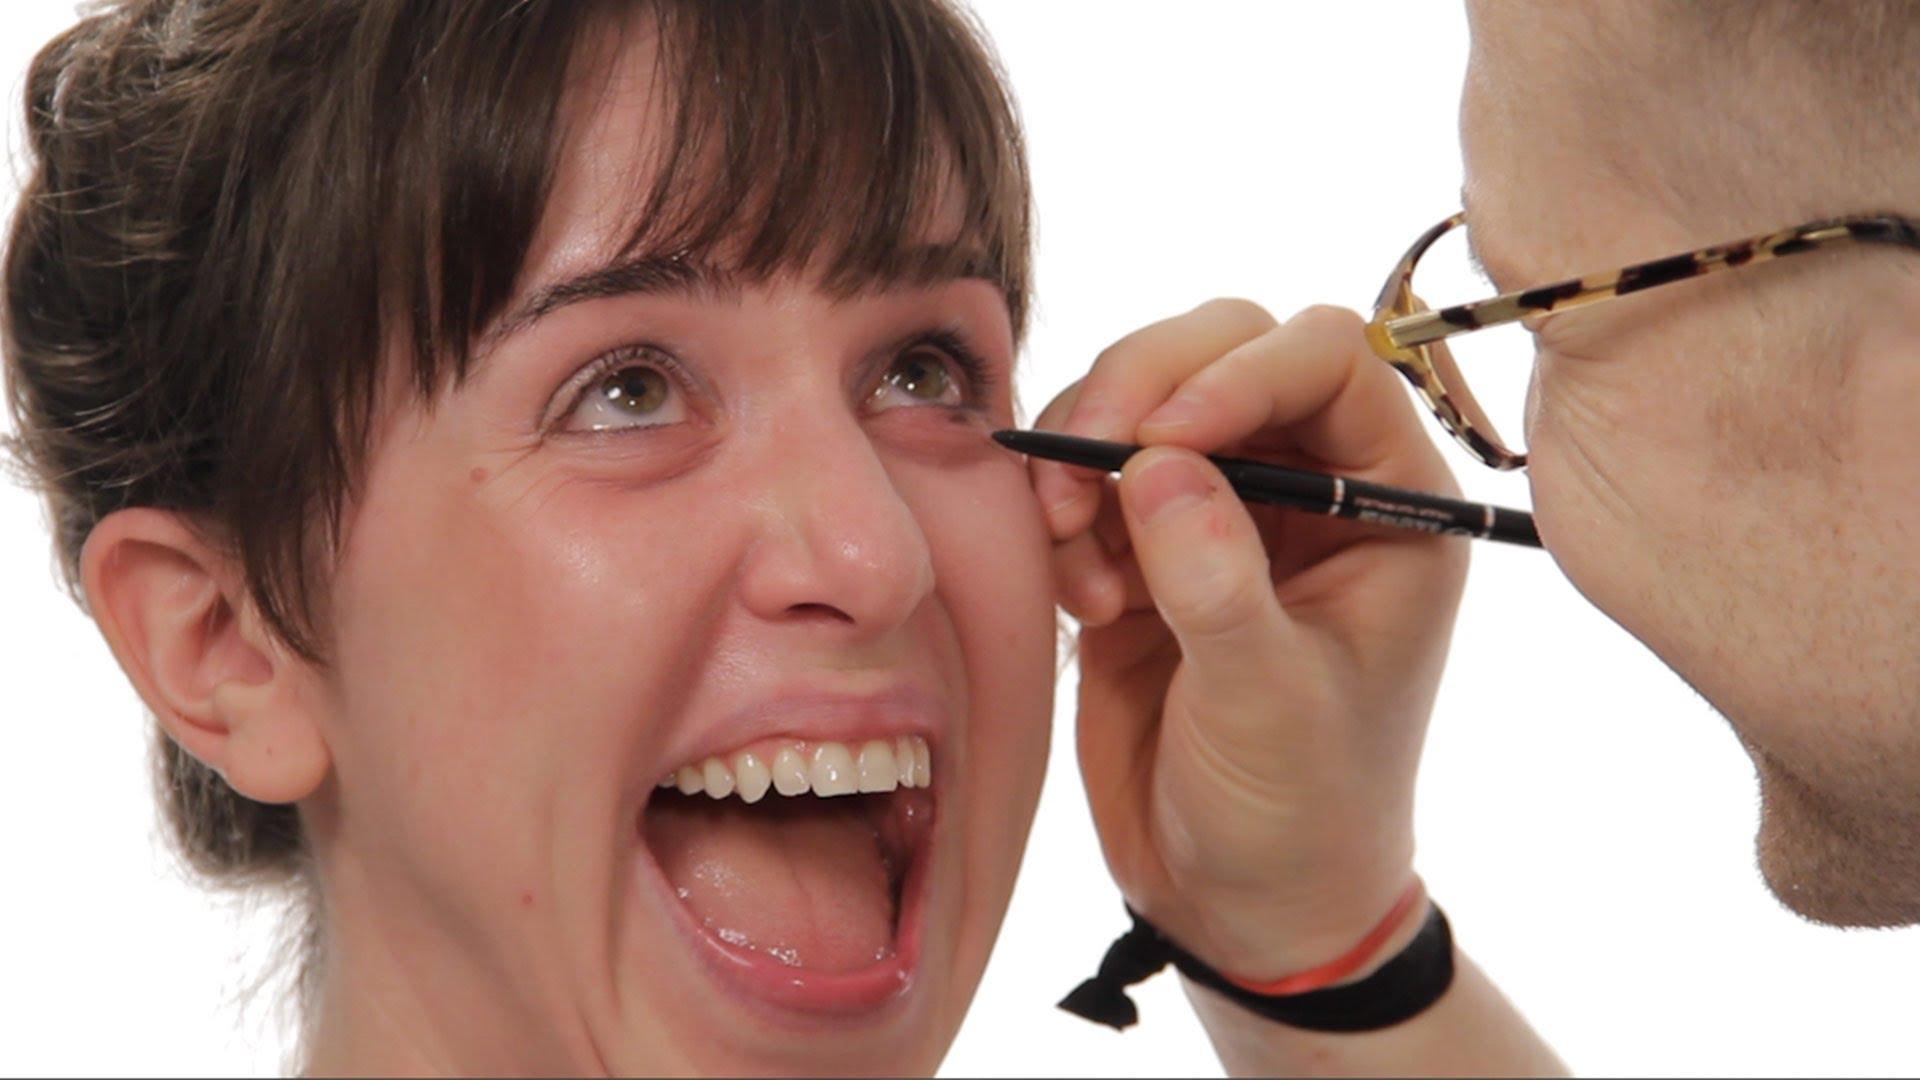 Еве зошто никогаш не смееш да му дадеш на дечкото да те шминка!:)